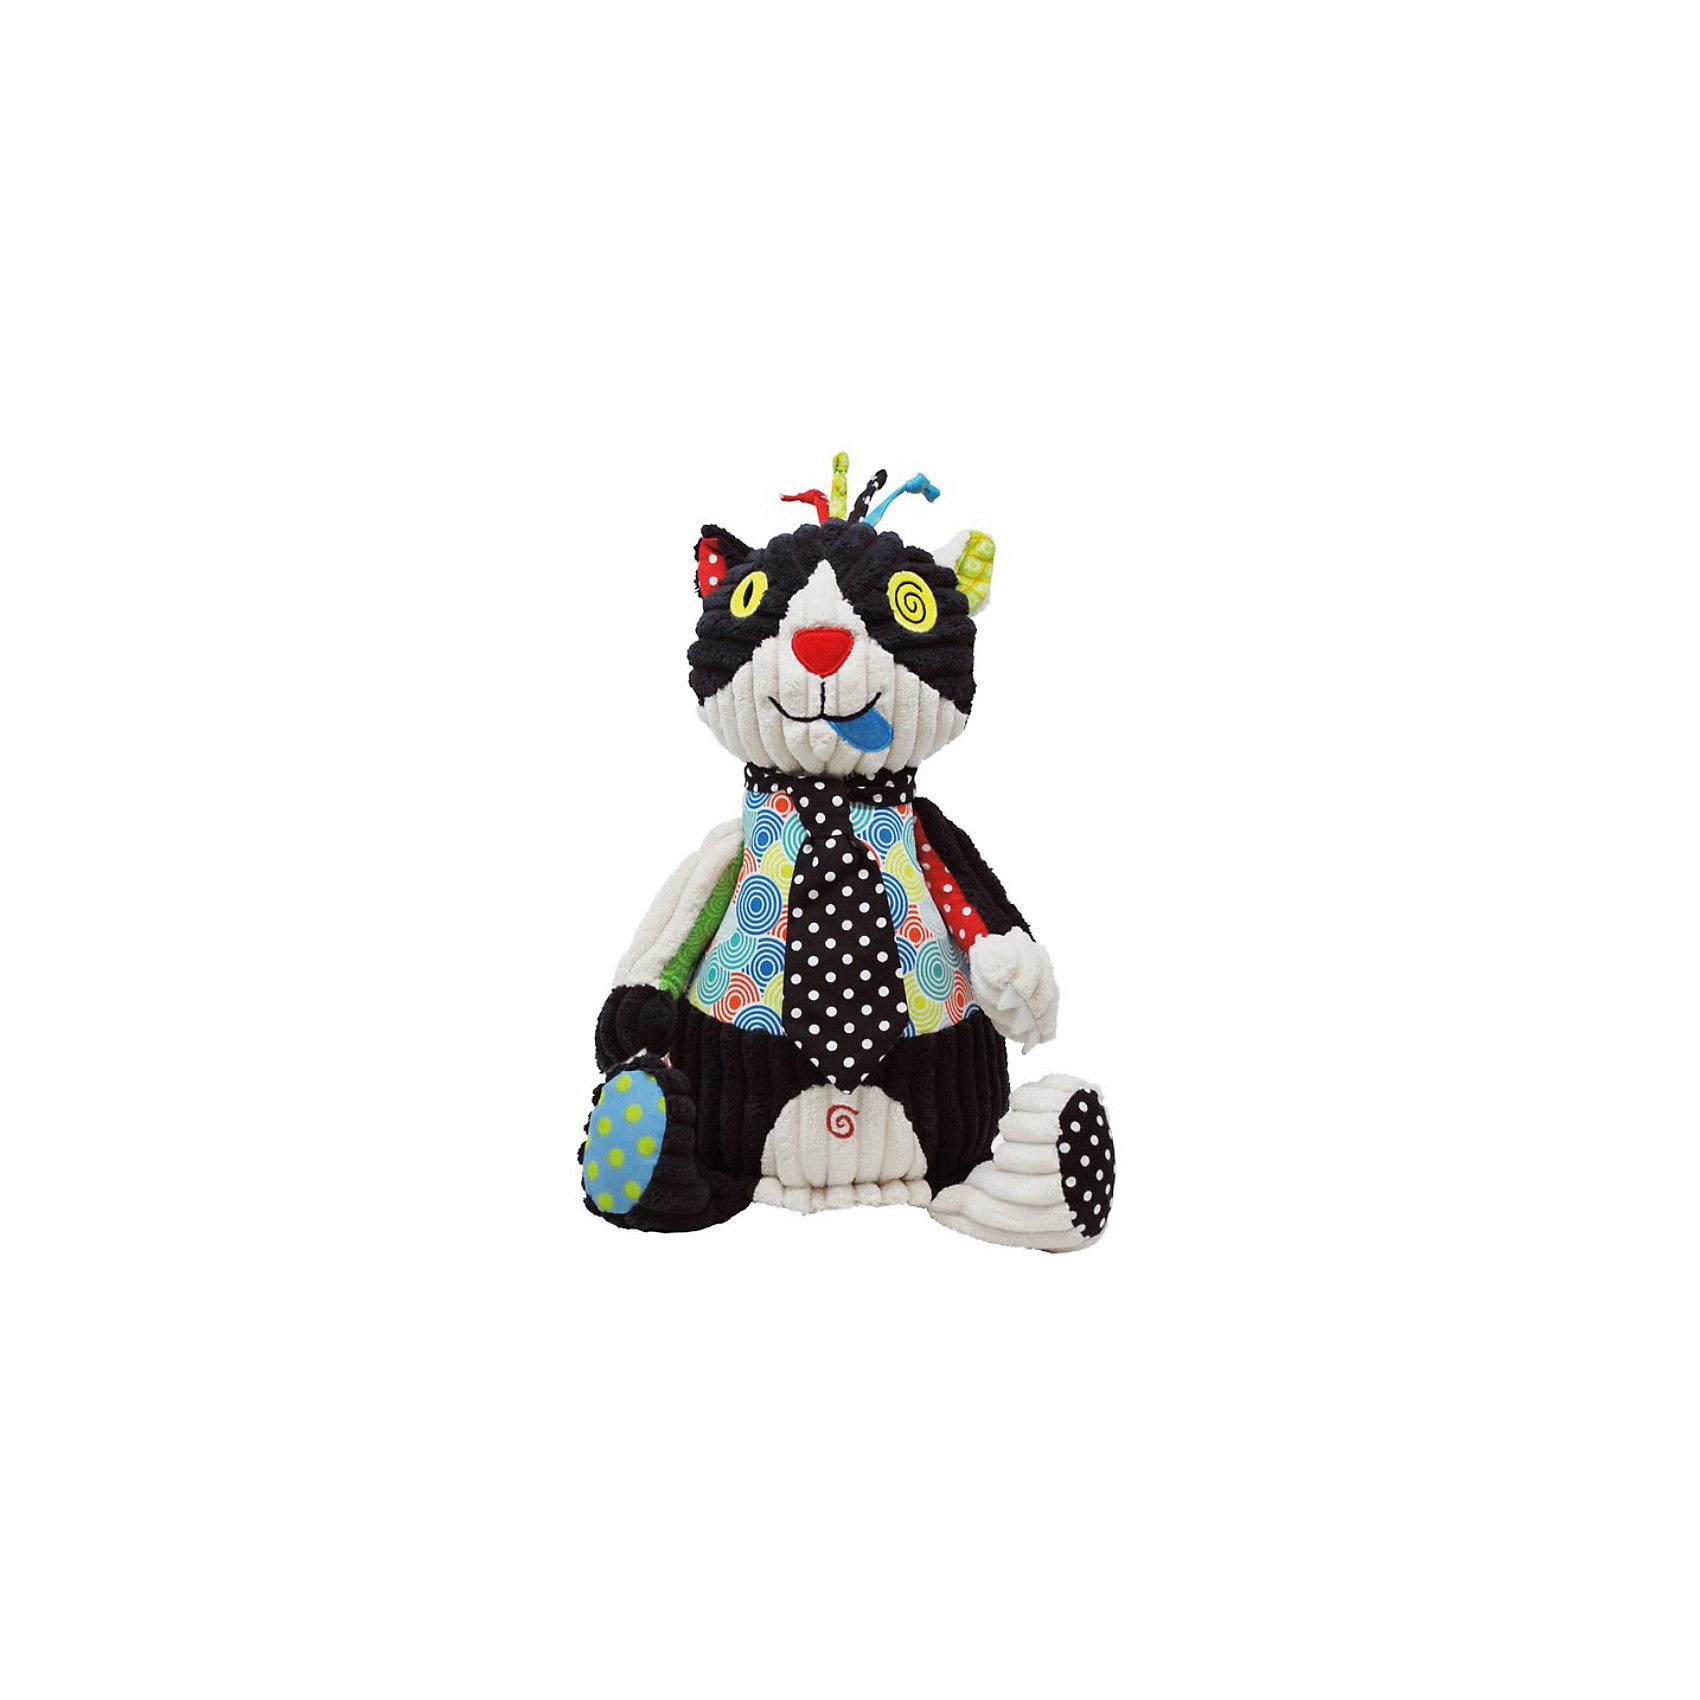 Игрушка Котик Charlos, DeglingosЭксклюзивная игрушка Котик Charlos, Deglingos - лучший подарок не только детям, но и взрослым.<br>Мягкая дизайнерская игрушка Кот Charlos с элементами ручной вышивки сразу покорит сердце вашего малыша! Все детали на котике вышиты. Кот Charlos завоевывает симпатию экстравагантным и необычным видом. Игрушка порадует ее обладателя ручной работой, высоким уровнем исполнения и достойным выбором первоклассных материалов, взятых для ее изготовления.<br><br>Дополнительная информация:<br><br>- Материалы: велюр, вельвет, ситец, драп, мешковина<br>- Наполнитель: полиэстер<br>- Лапы котика вращаются<br>- Высота котика: 27 см.<br><br>Игрушку Котик Charlos, Deglingos можно купить в нашем интернет-магазине.<br><br>Ширина мм: 120<br>Глубина мм: 120<br>Высота мм: 350<br>Вес г: 230<br>Возраст от месяцев: 24<br>Возраст до месяцев: 120<br>Пол: Унисекс<br>Возраст: Детский<br>SKU: 3771799